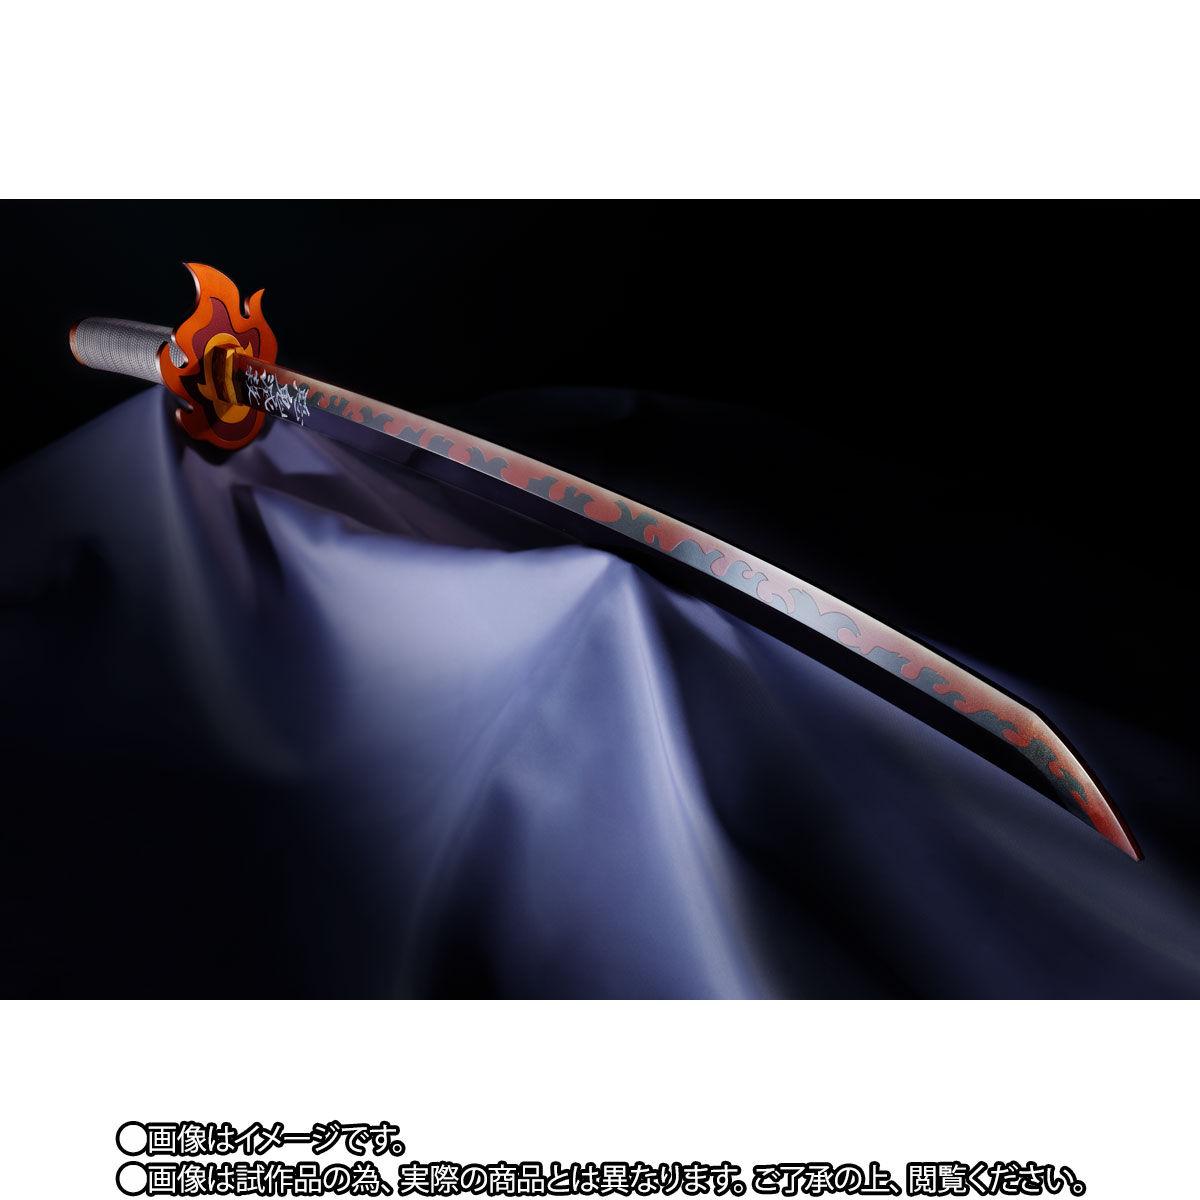 【限定販売】【再販】PROPLICA プロップリカ『日輪刀(煉獄杏寿郎)』鬼滅の刃 変身なりきり-007